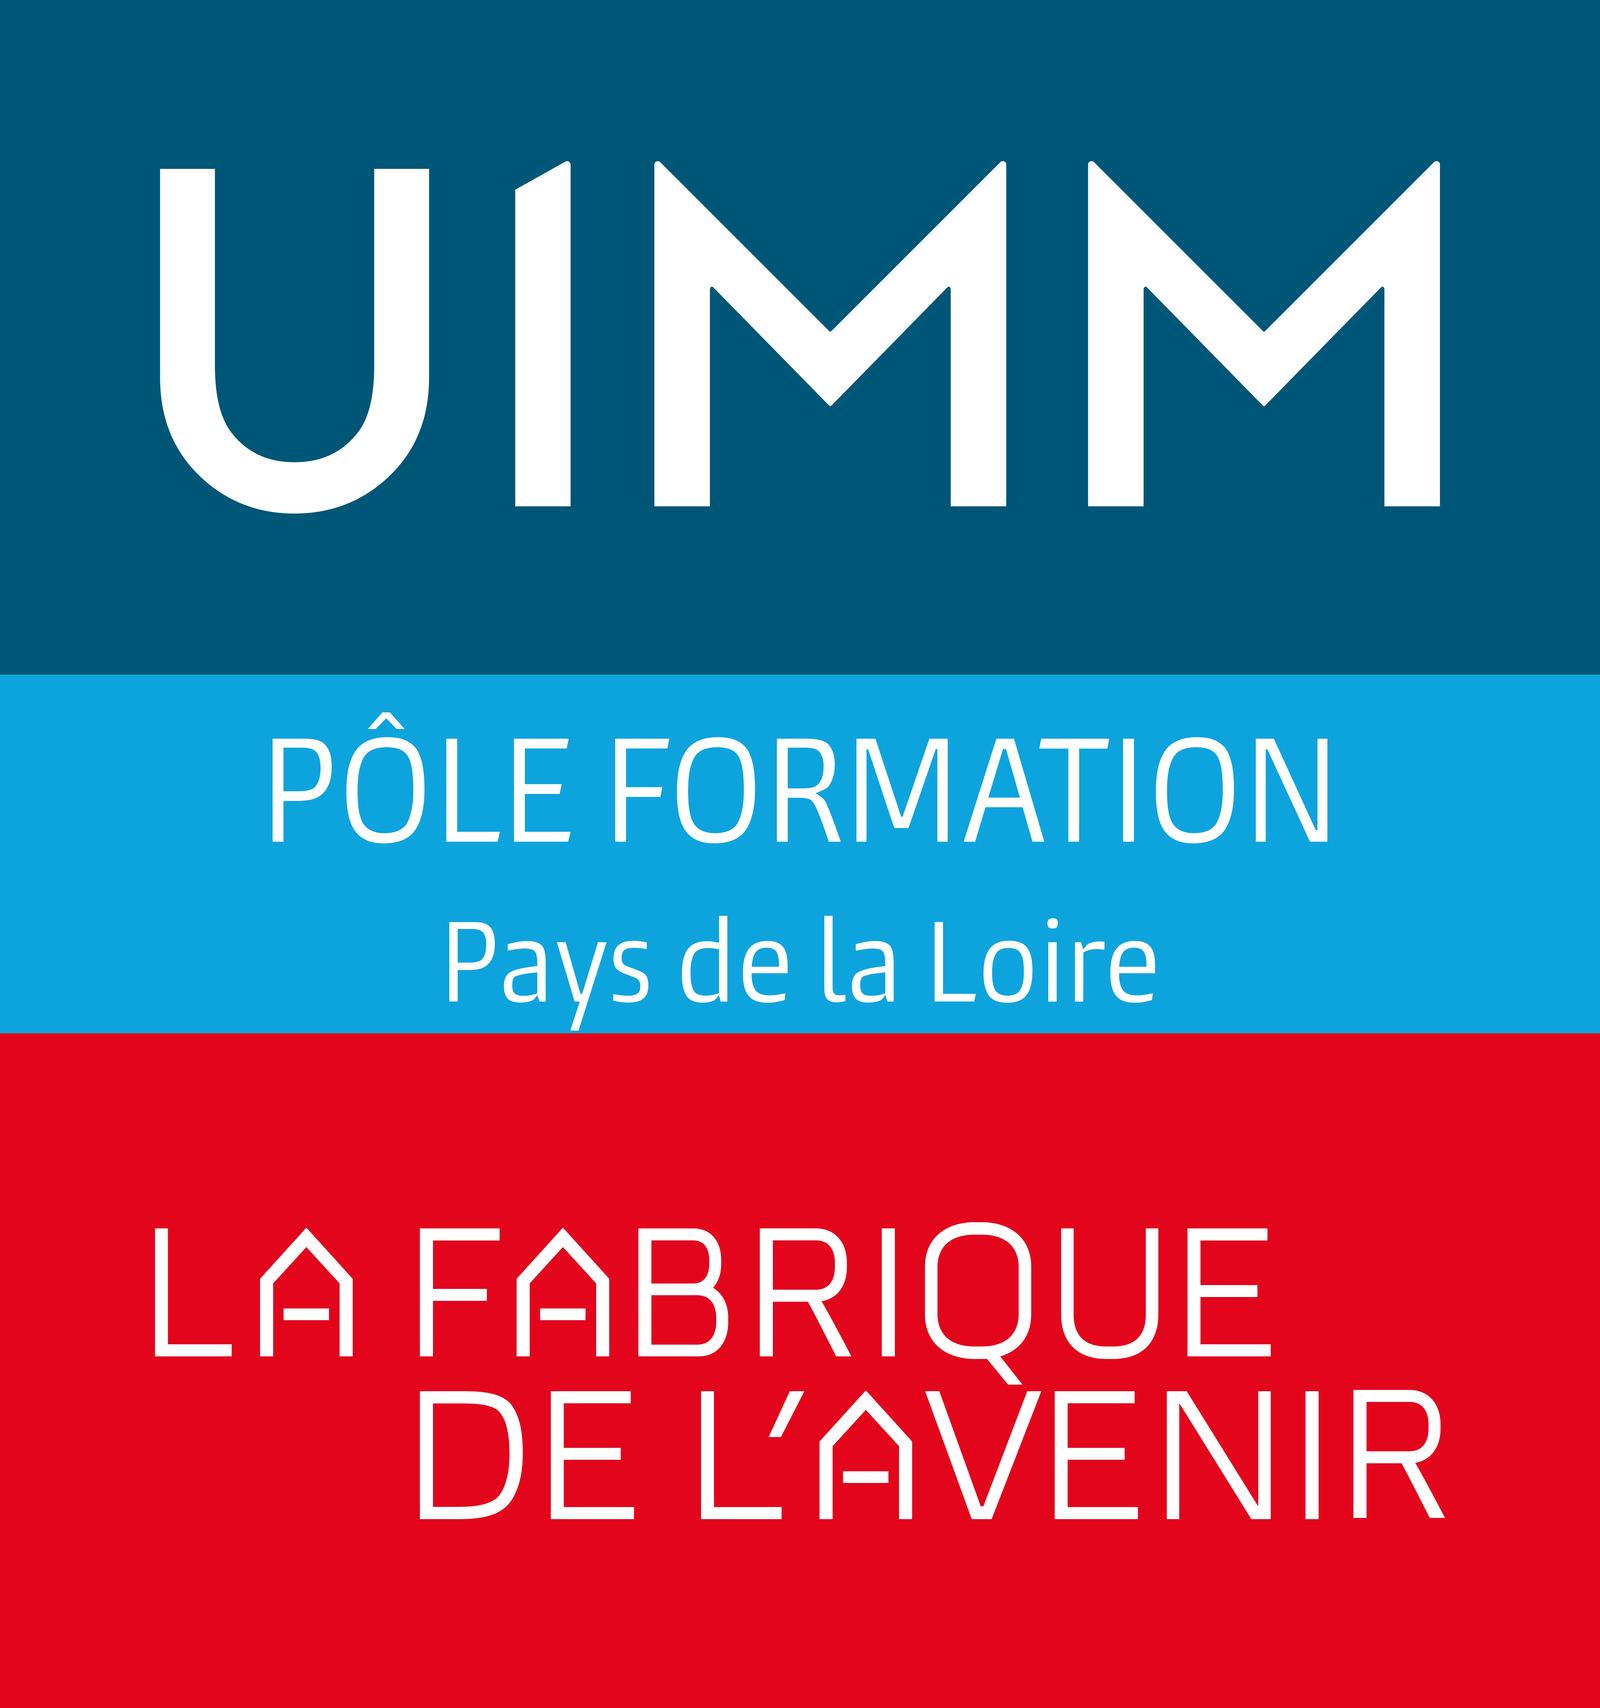 Evfevent Visite Pole Formation Pays De La Loire Uimm Site Nantes 148445